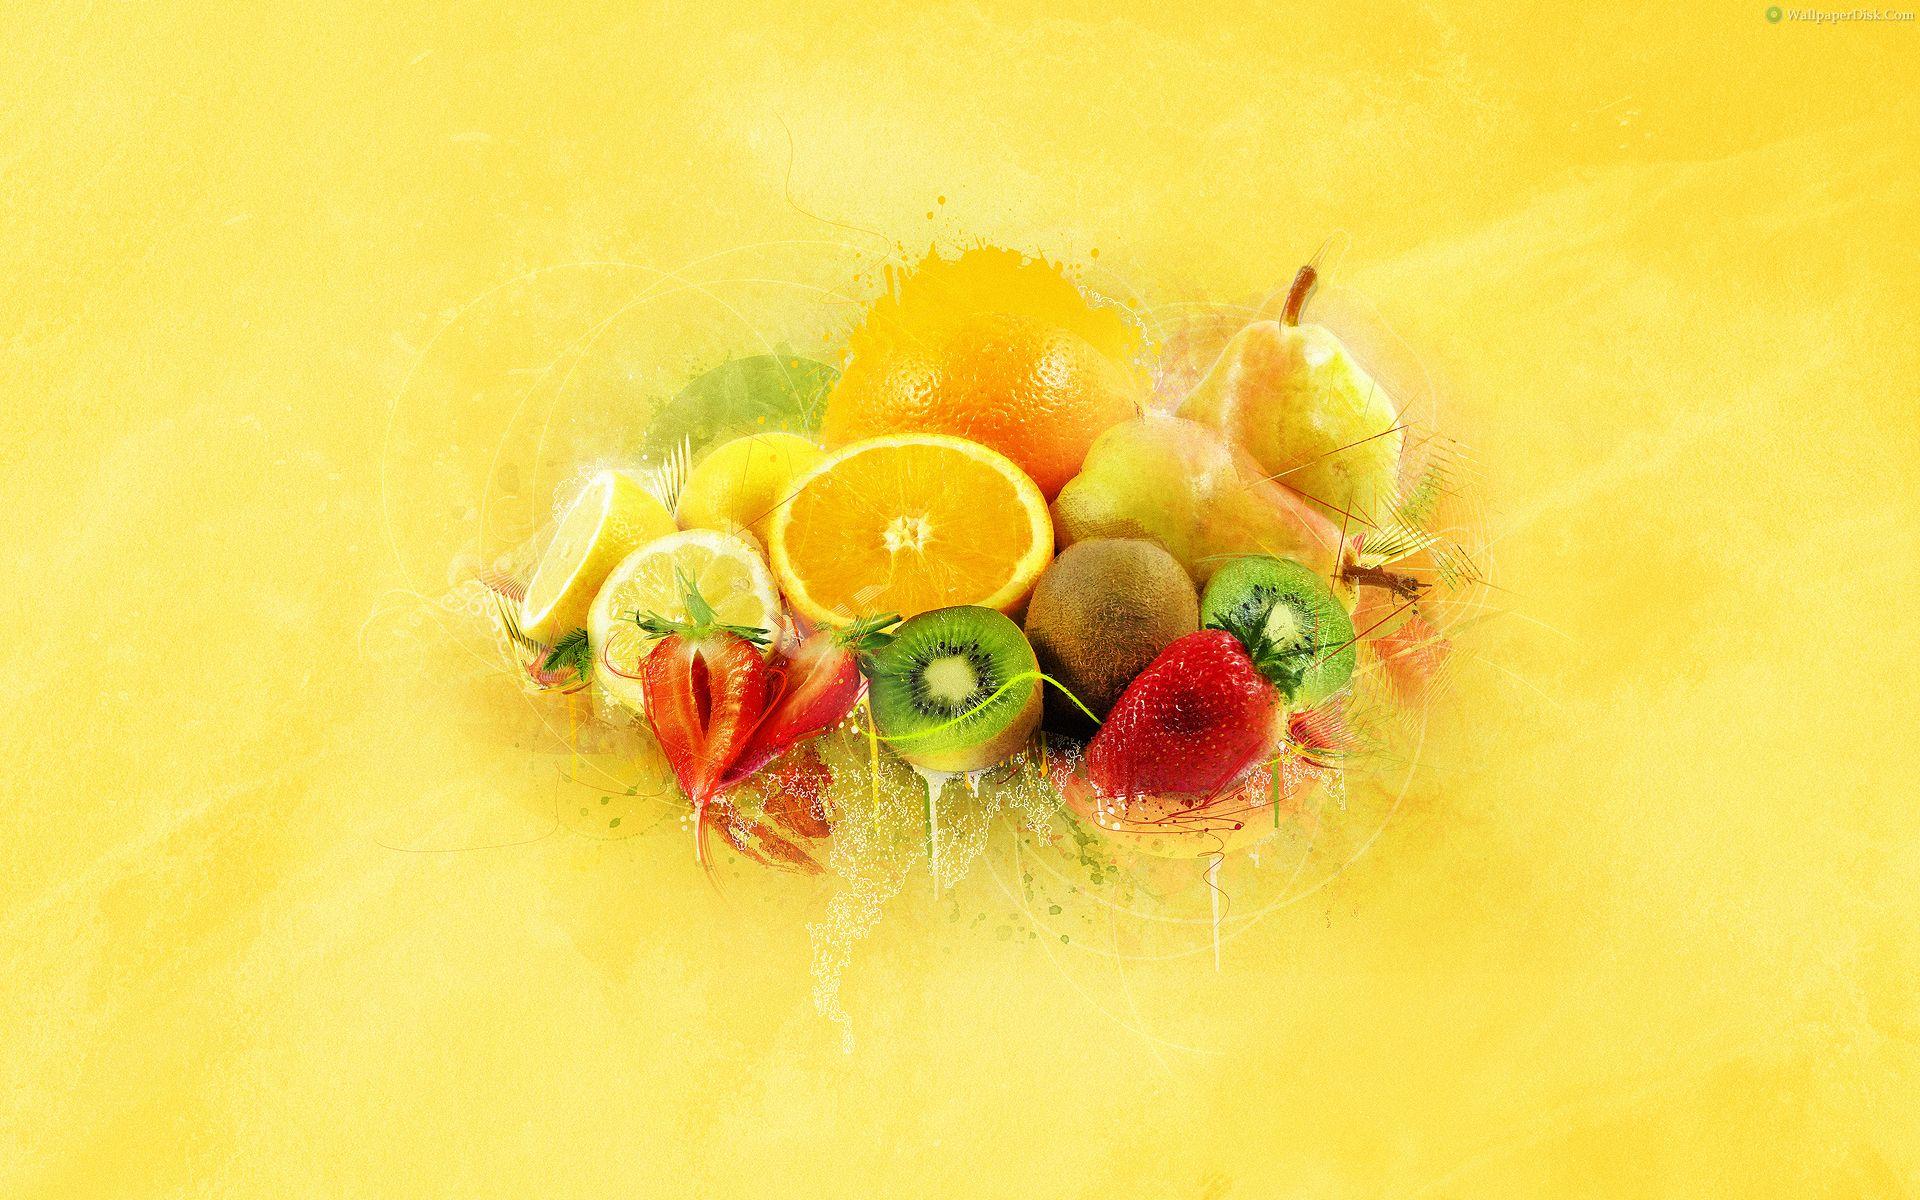 desktop vegetables fruits pictures wallpaper desktop vegetables and 1920x1200